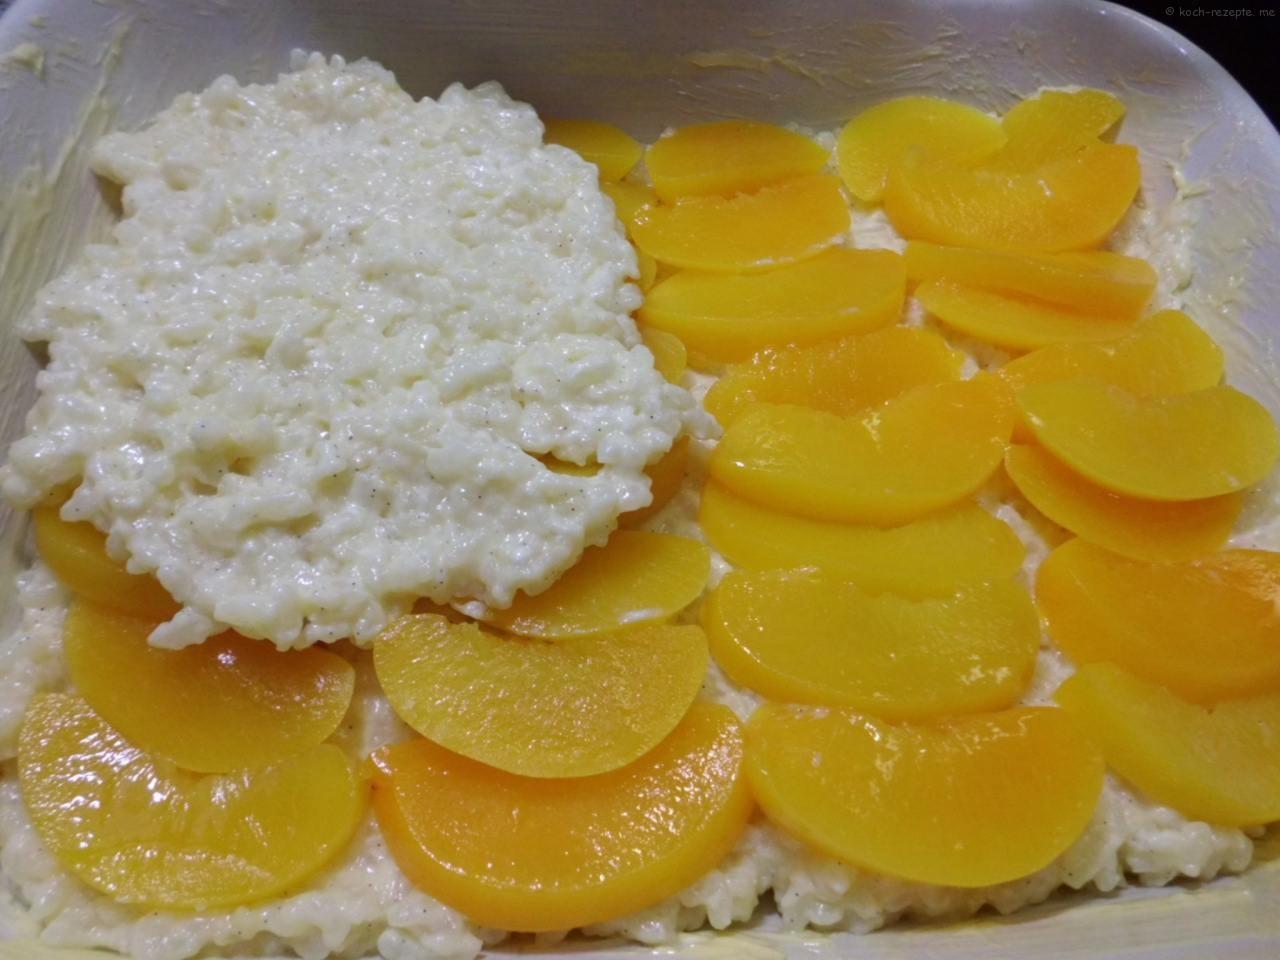 eine Lage Milchreis dann die Pfirsichscheiben dann wieder Reis und so weiter